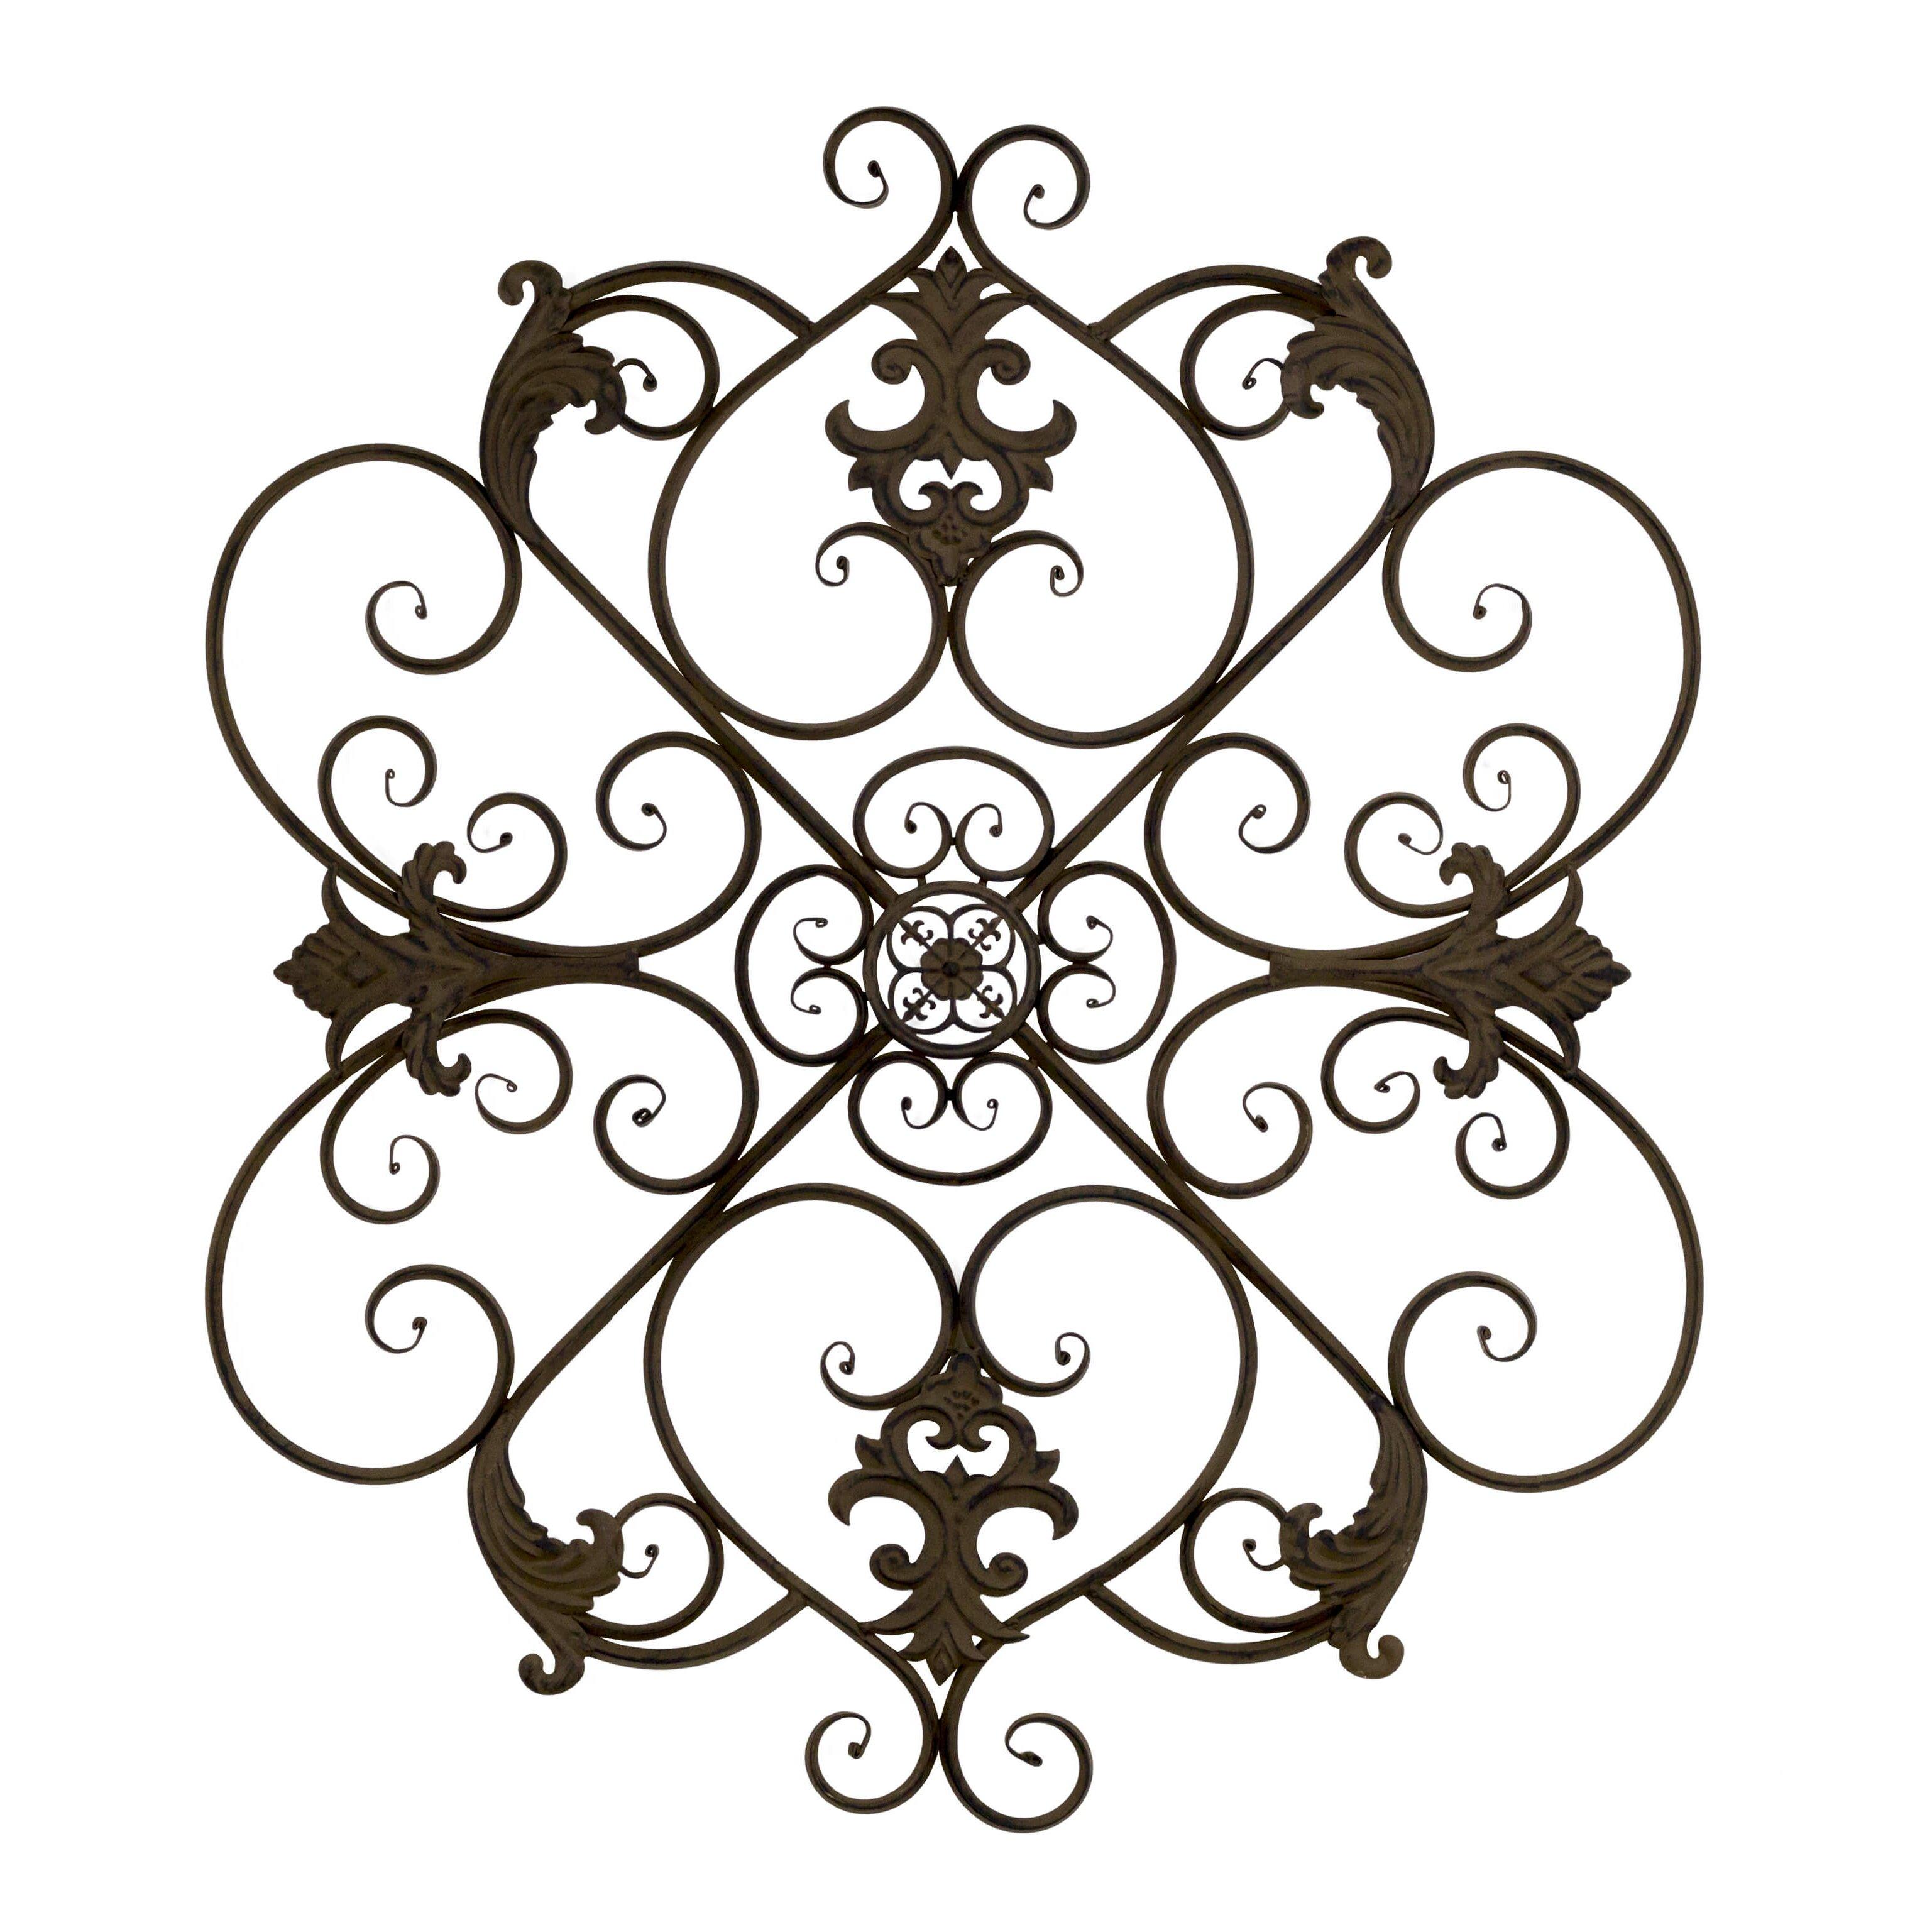 Bayaccents Wrought Iron Fleur De Lis Wall Decor Reviews